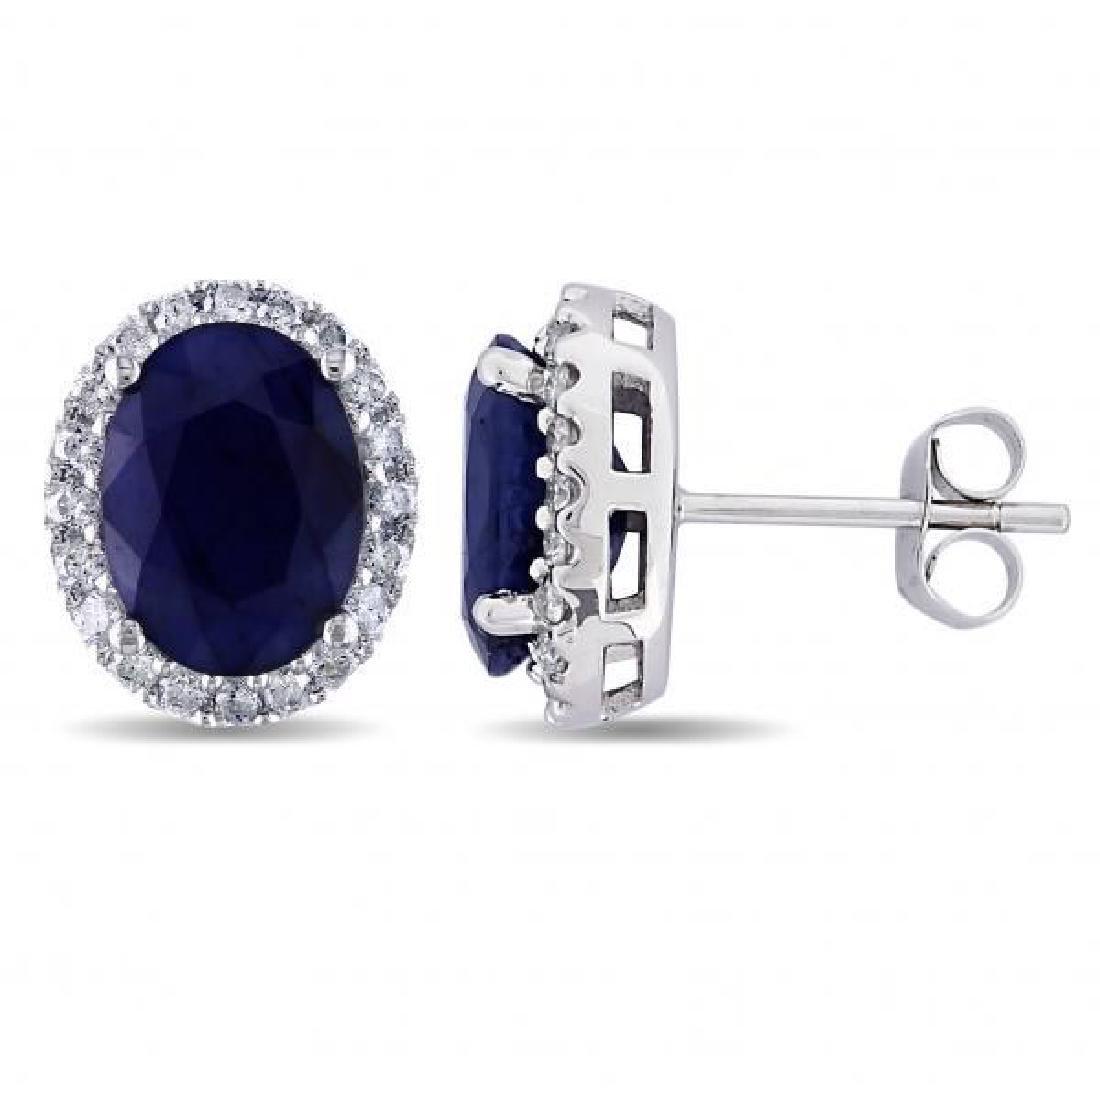 Oval Blue Sapphire and Halo Diamond Stud Earrings 14k W